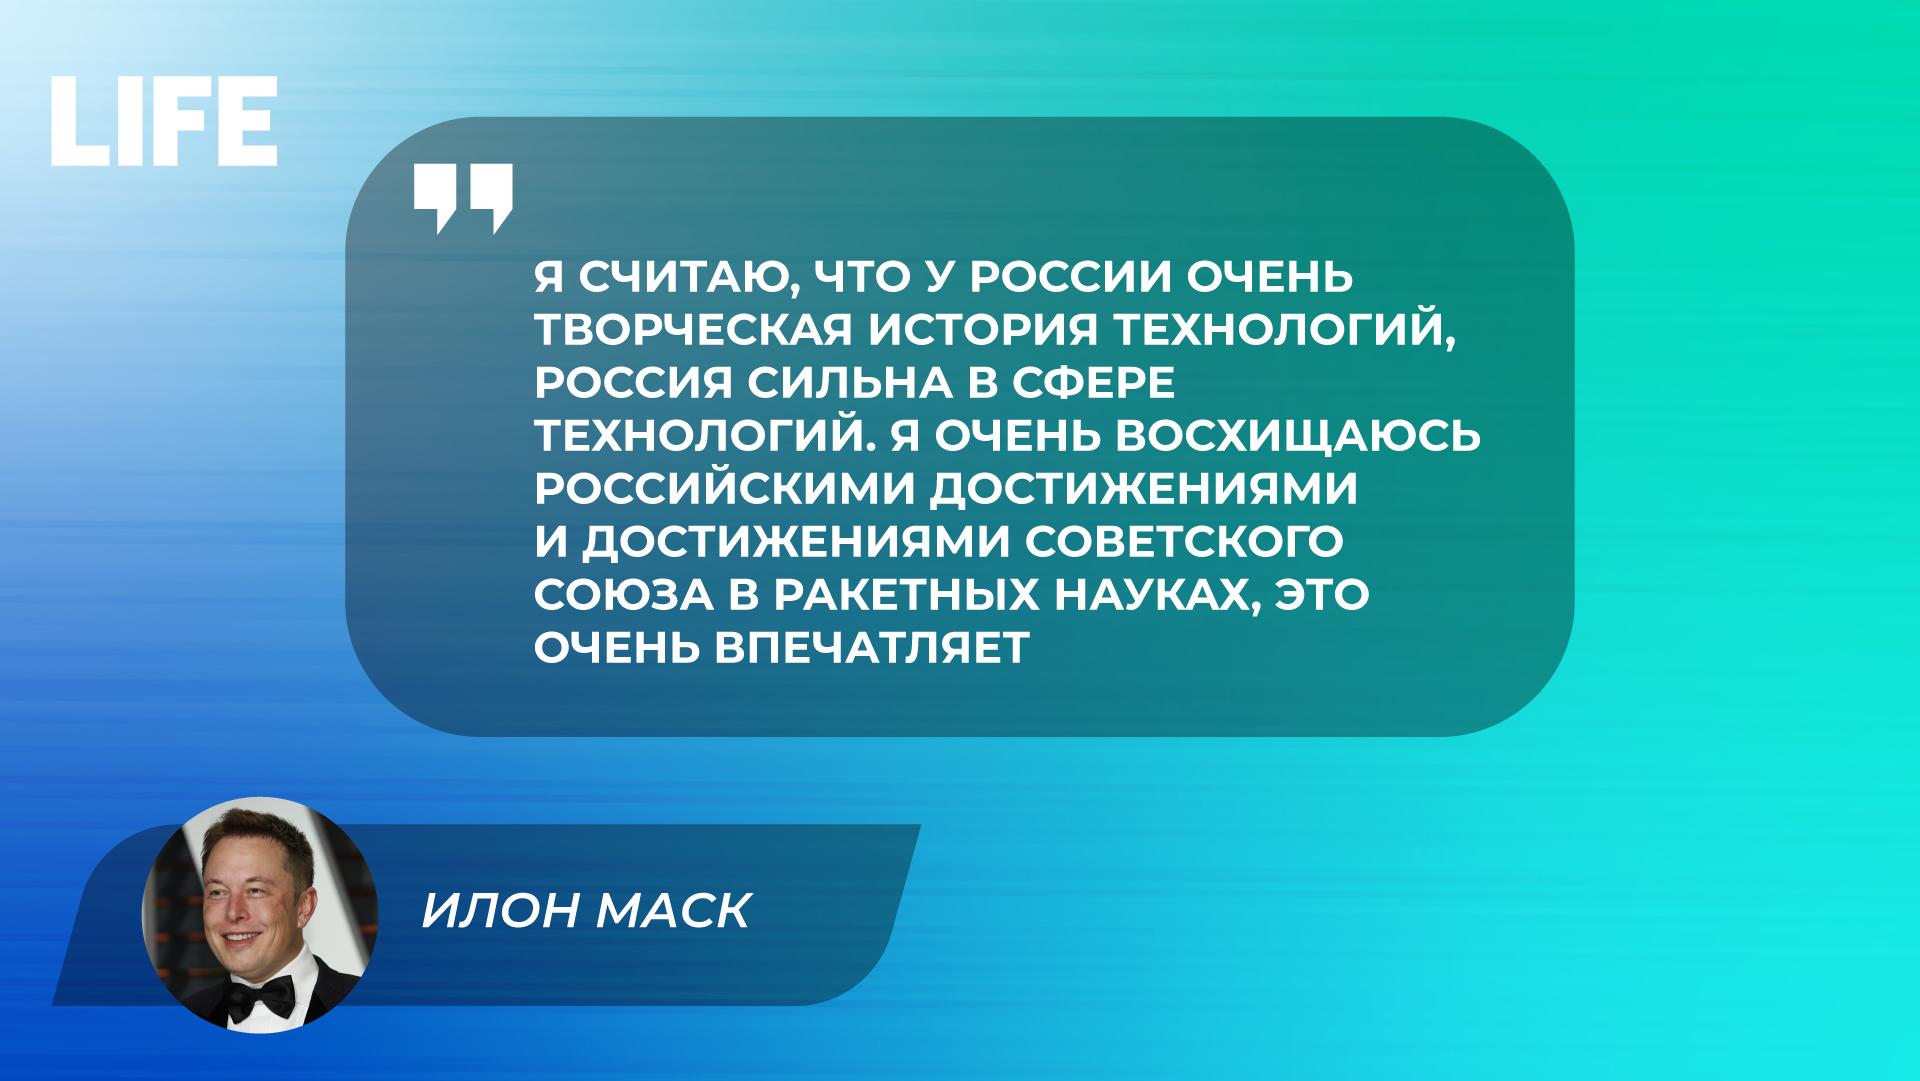 Маск — о силе российских технологий Инфографика © LIFE